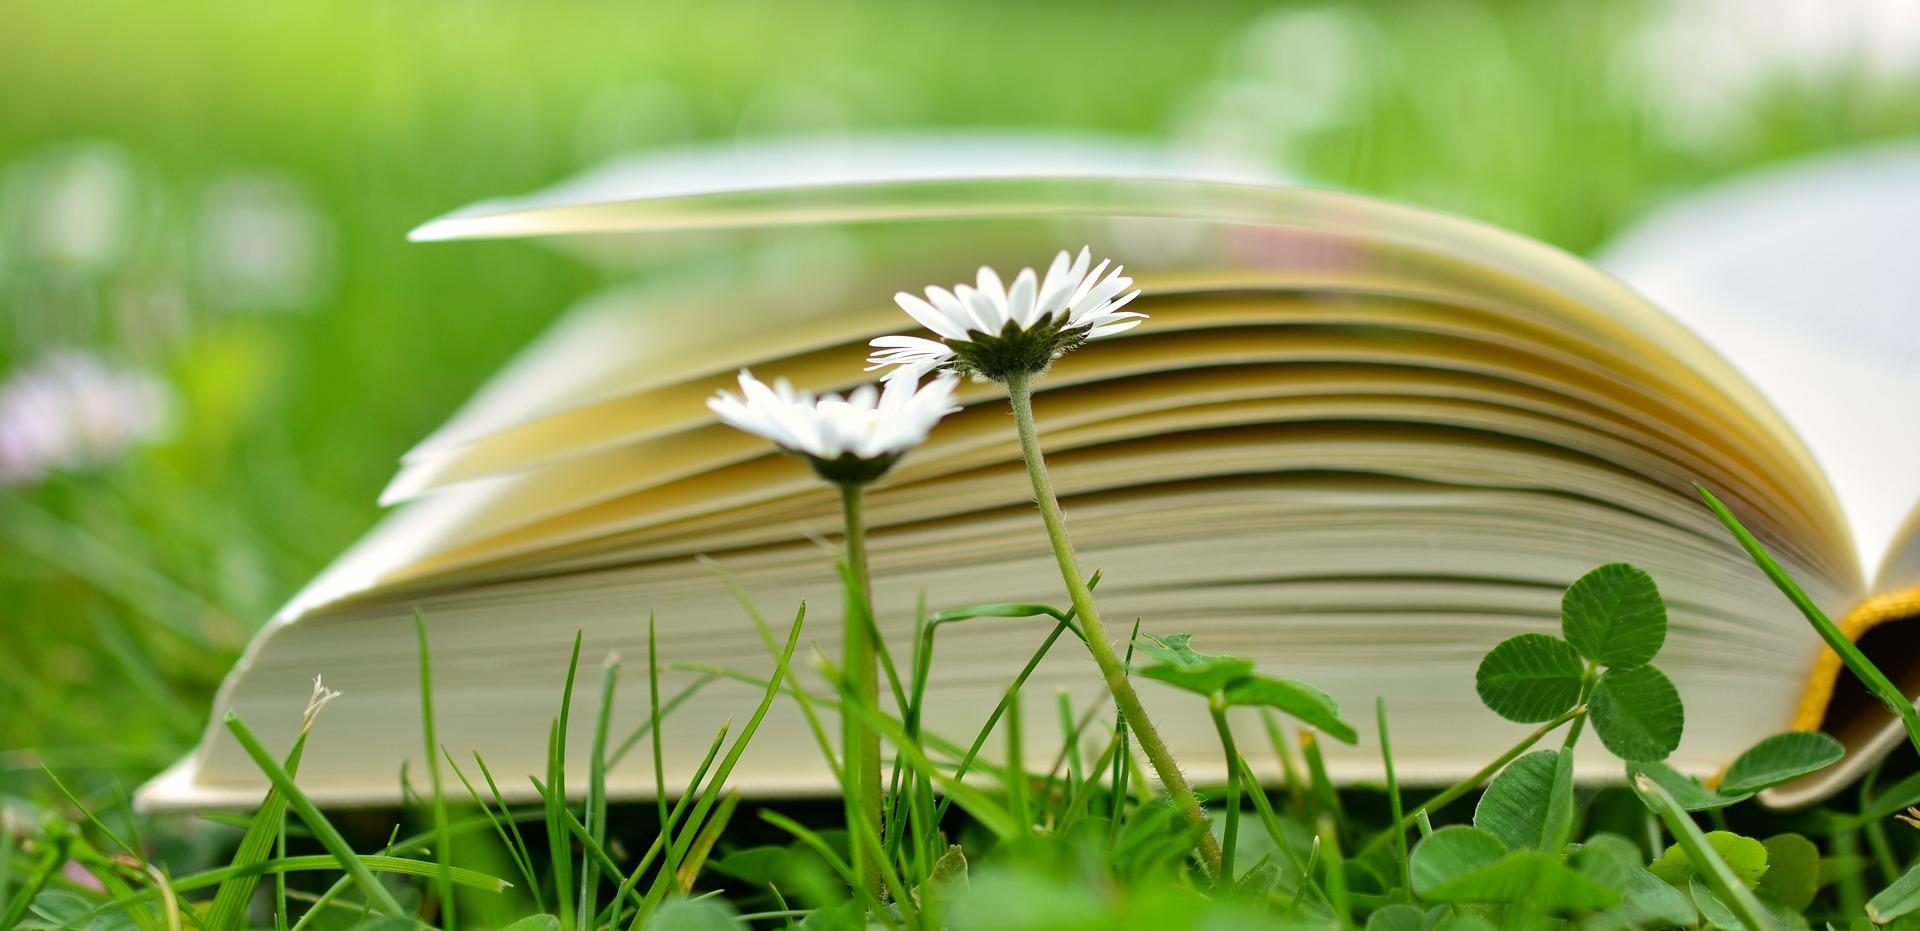 Ein Buch liegt aufgeschlagen auf einer Wiese. Davor 2 Gänseblümchen. Seminare